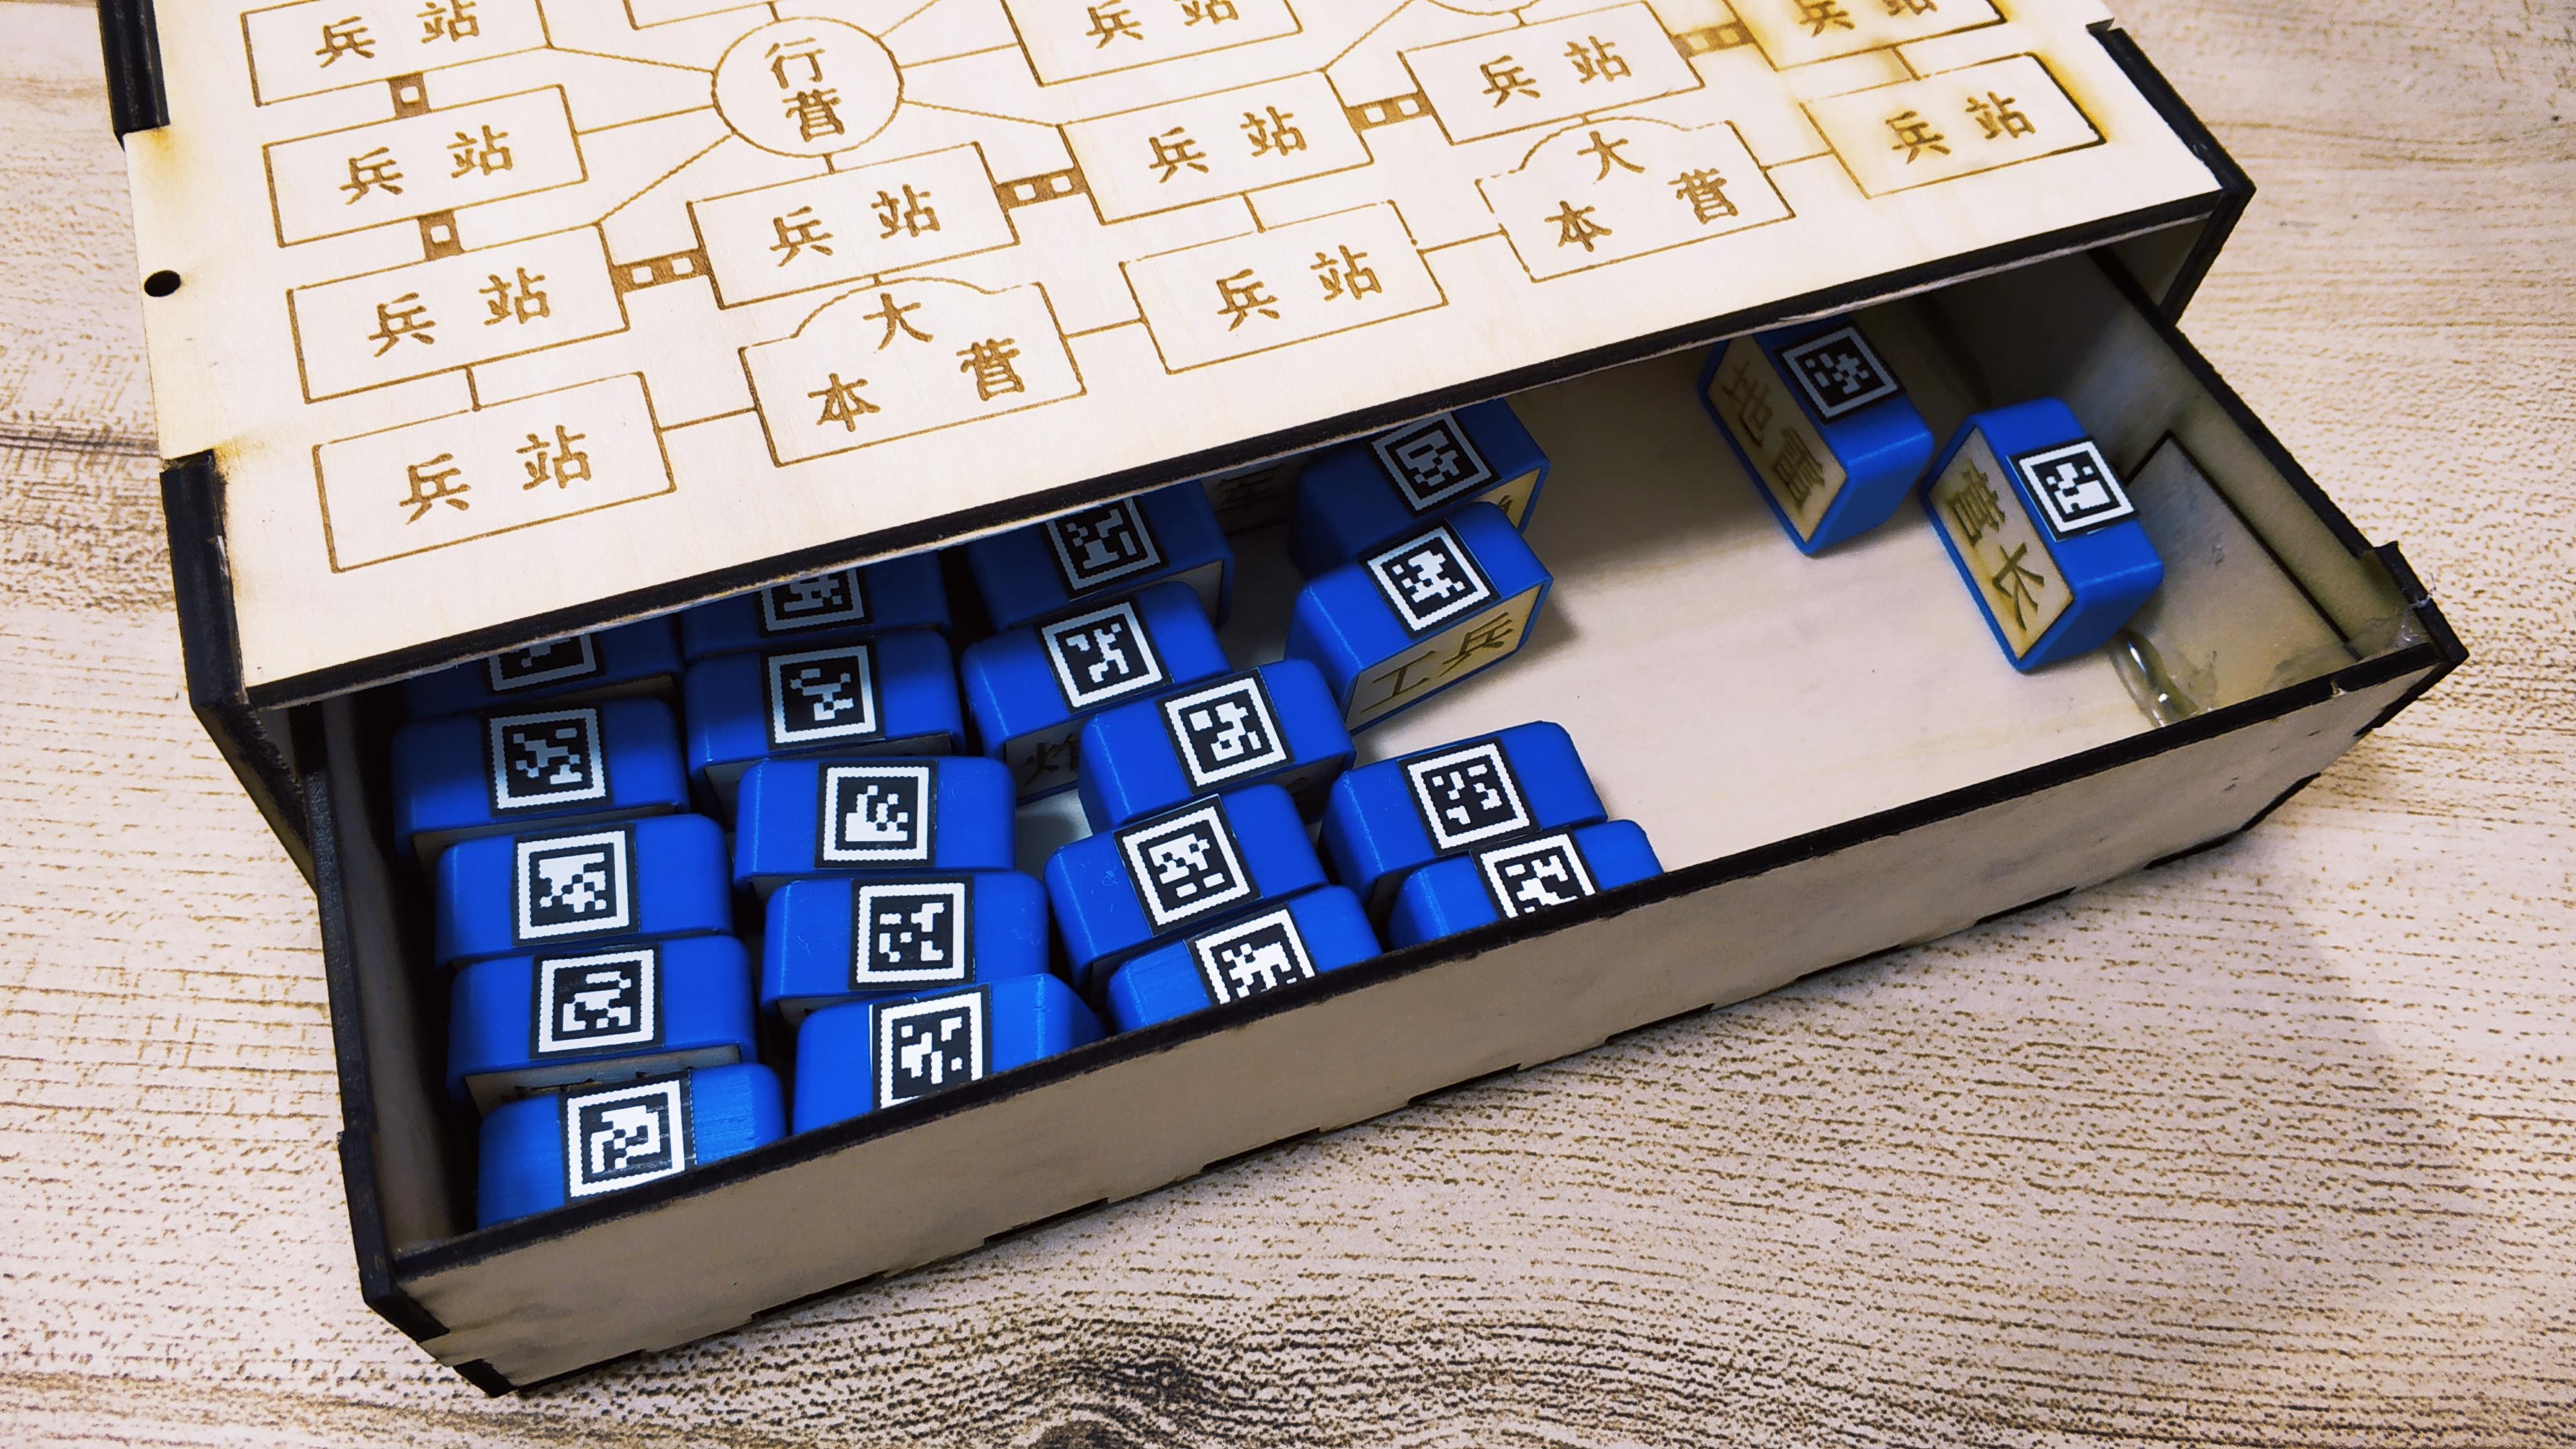 用Arduino制作智能军棋